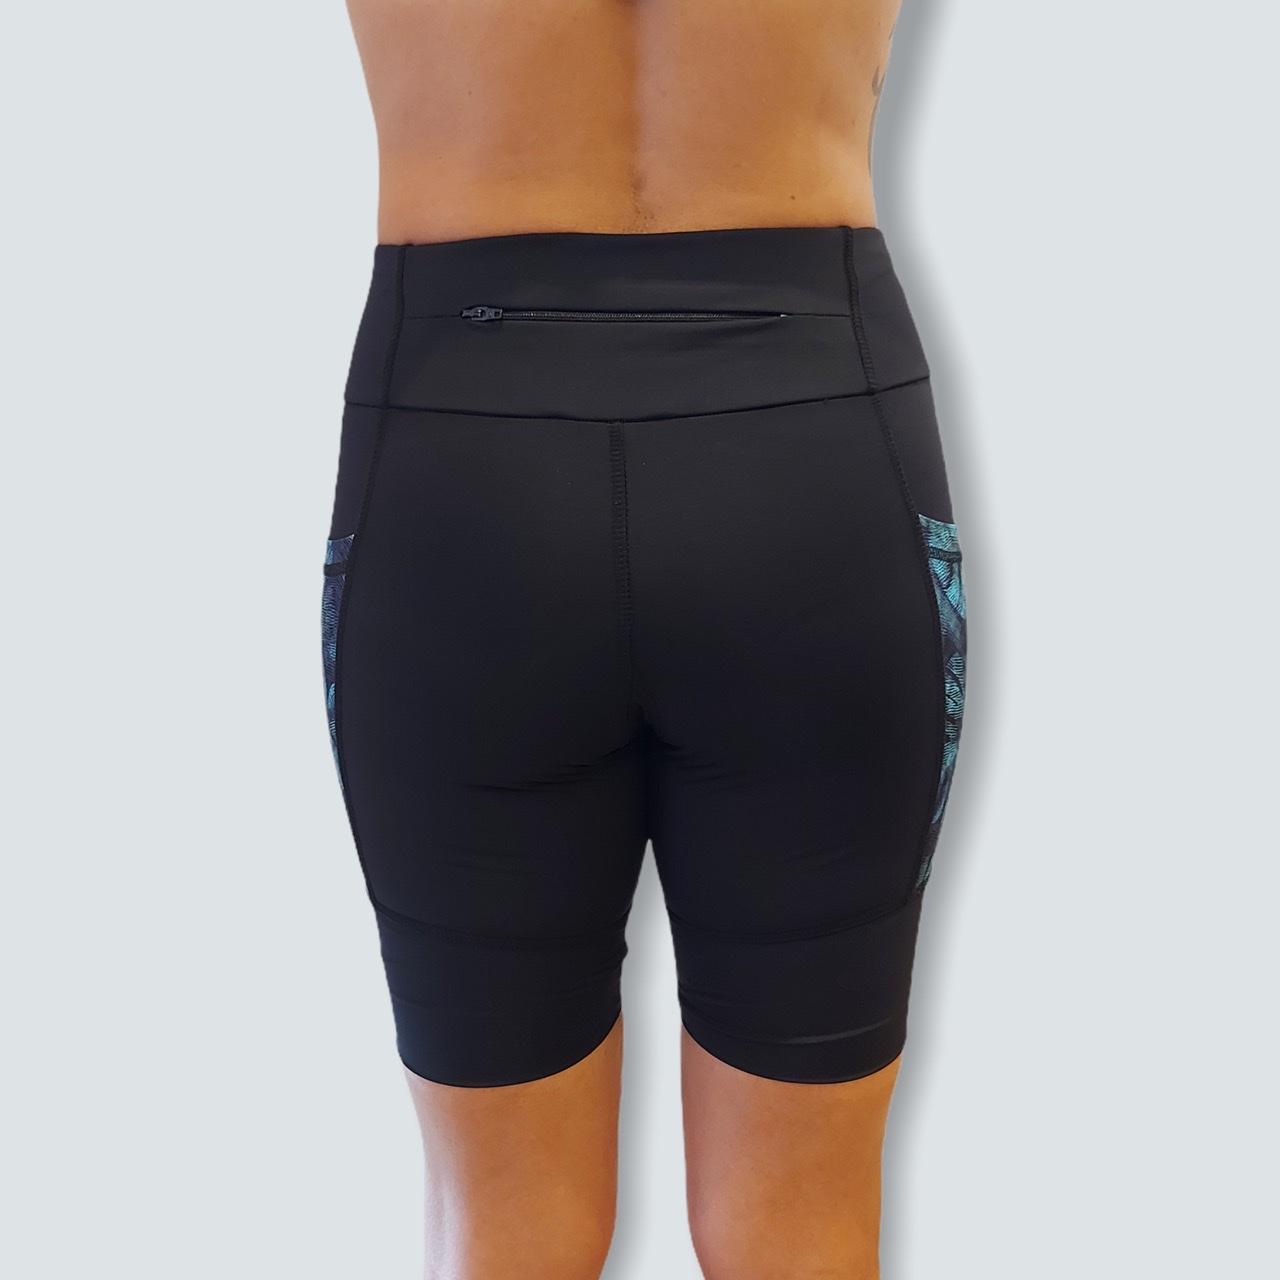 Bermuda de compressão unissex 1500 bolsos em Sportiva preto bolsos estampa folhagem  - Vivian Bógus